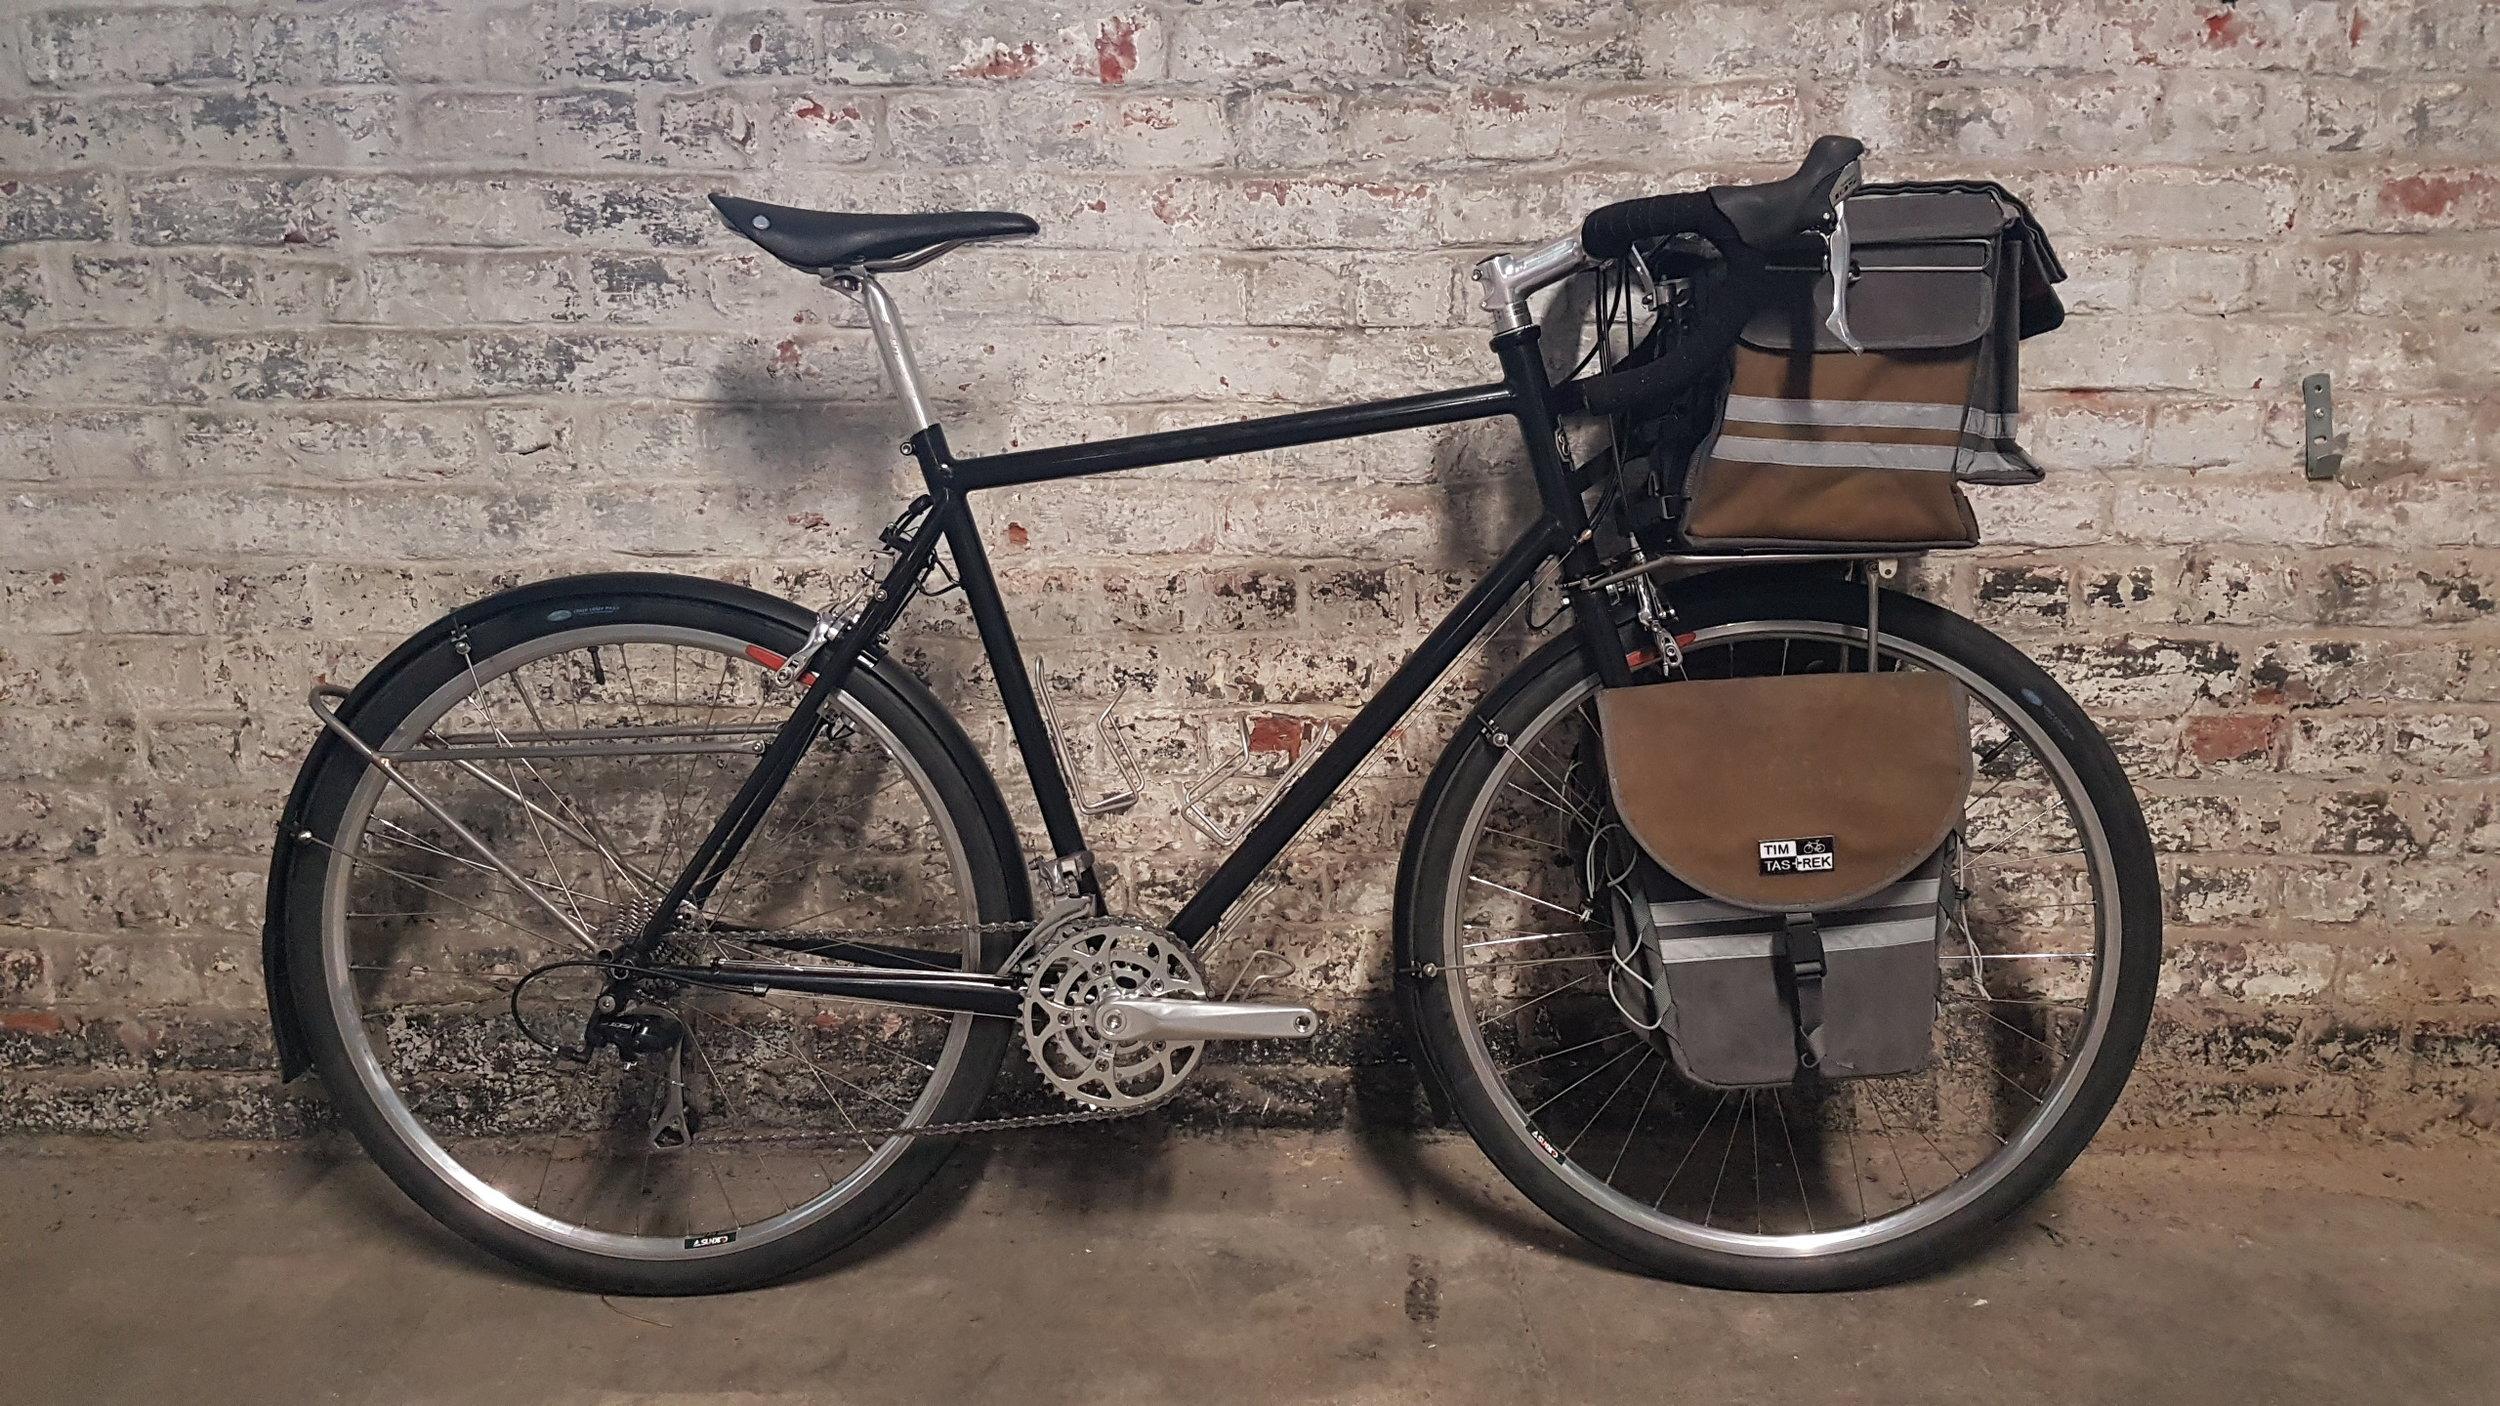 Philippe's touring bike